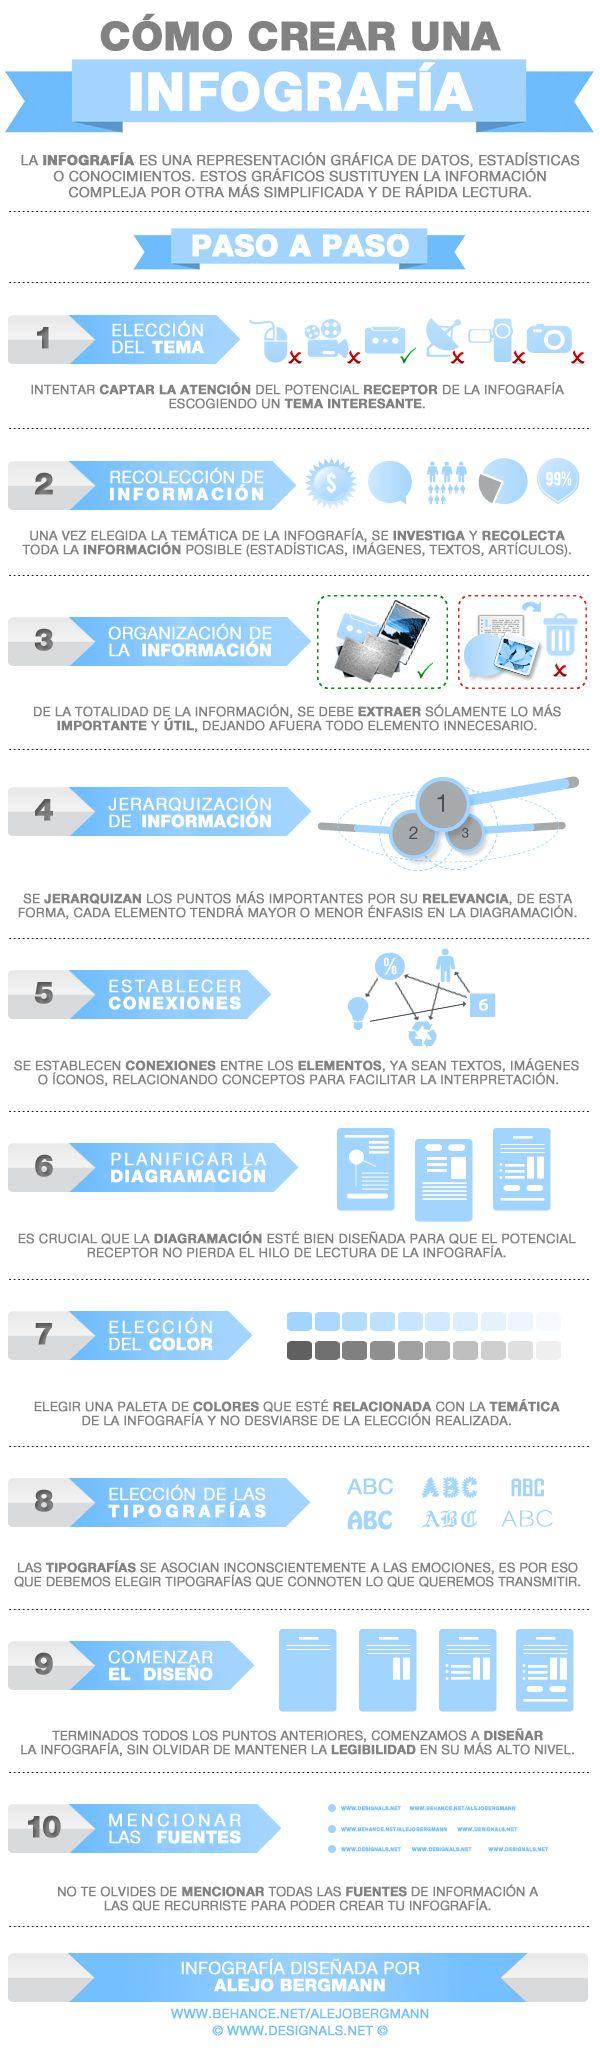 Cómo hacer una infografía diseñada bien gráficamente